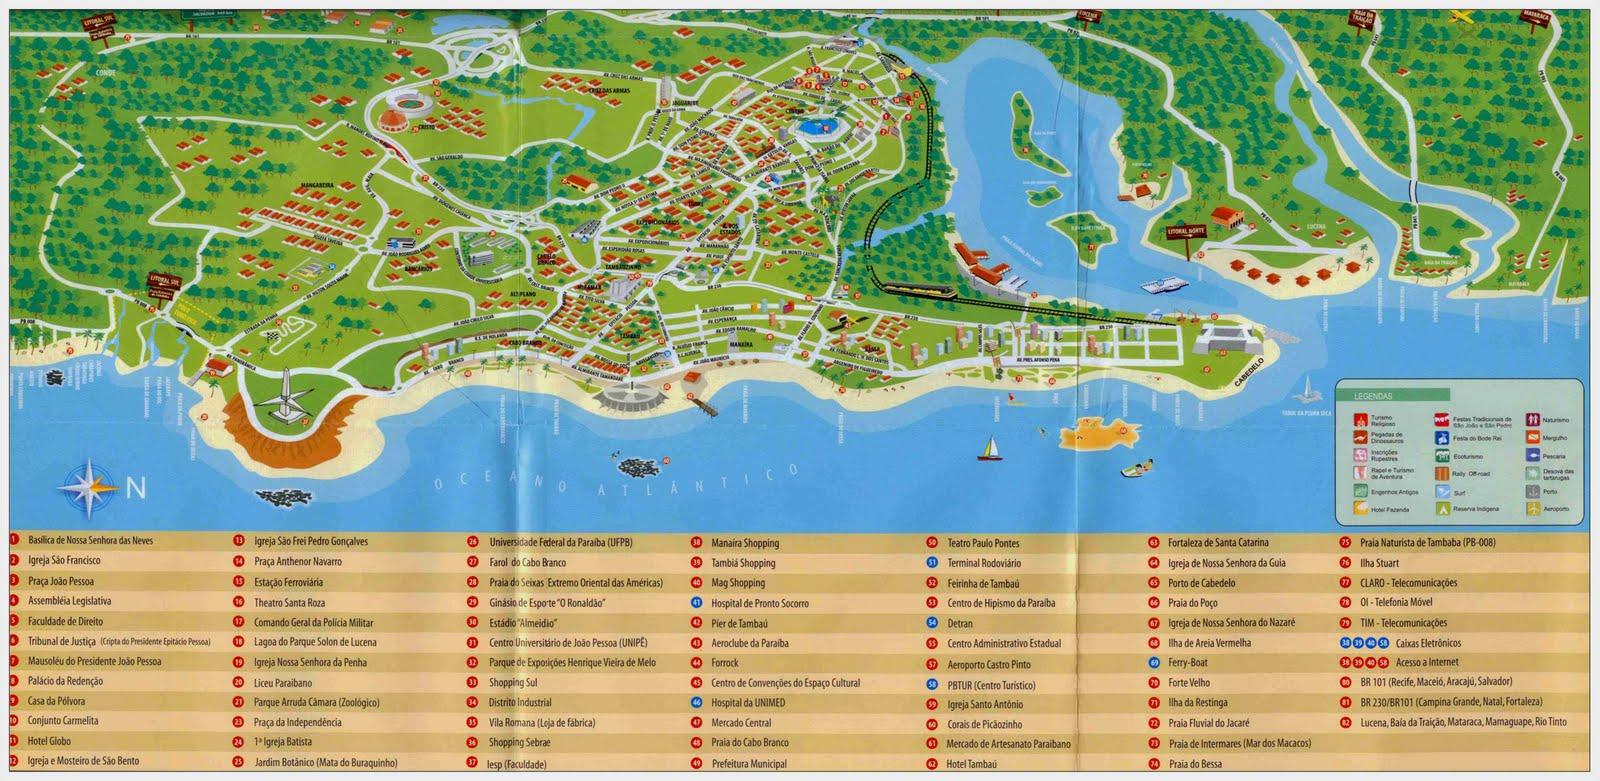 joao pessoa mapa Joao Pessoa Mapa Turistico joao pessoa mapa